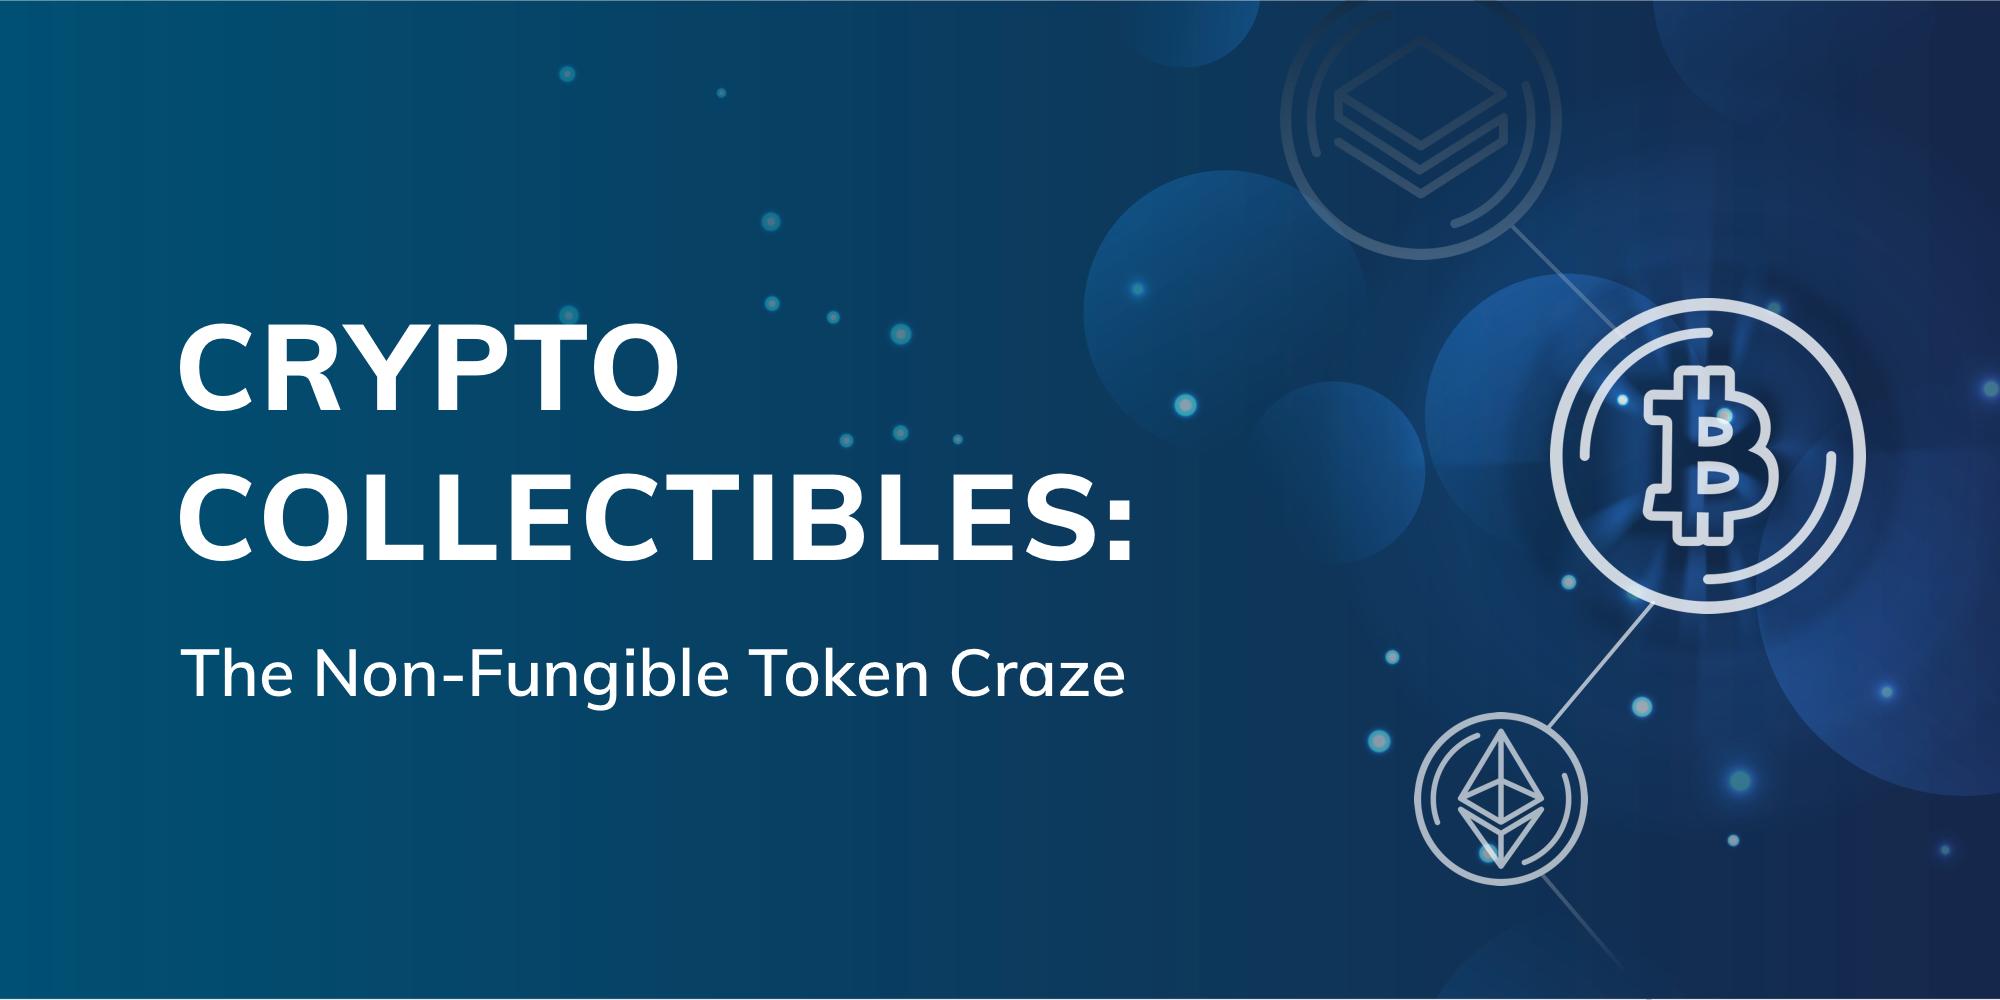 Blog image for Crypto Collectibles: The non-fungible token craze